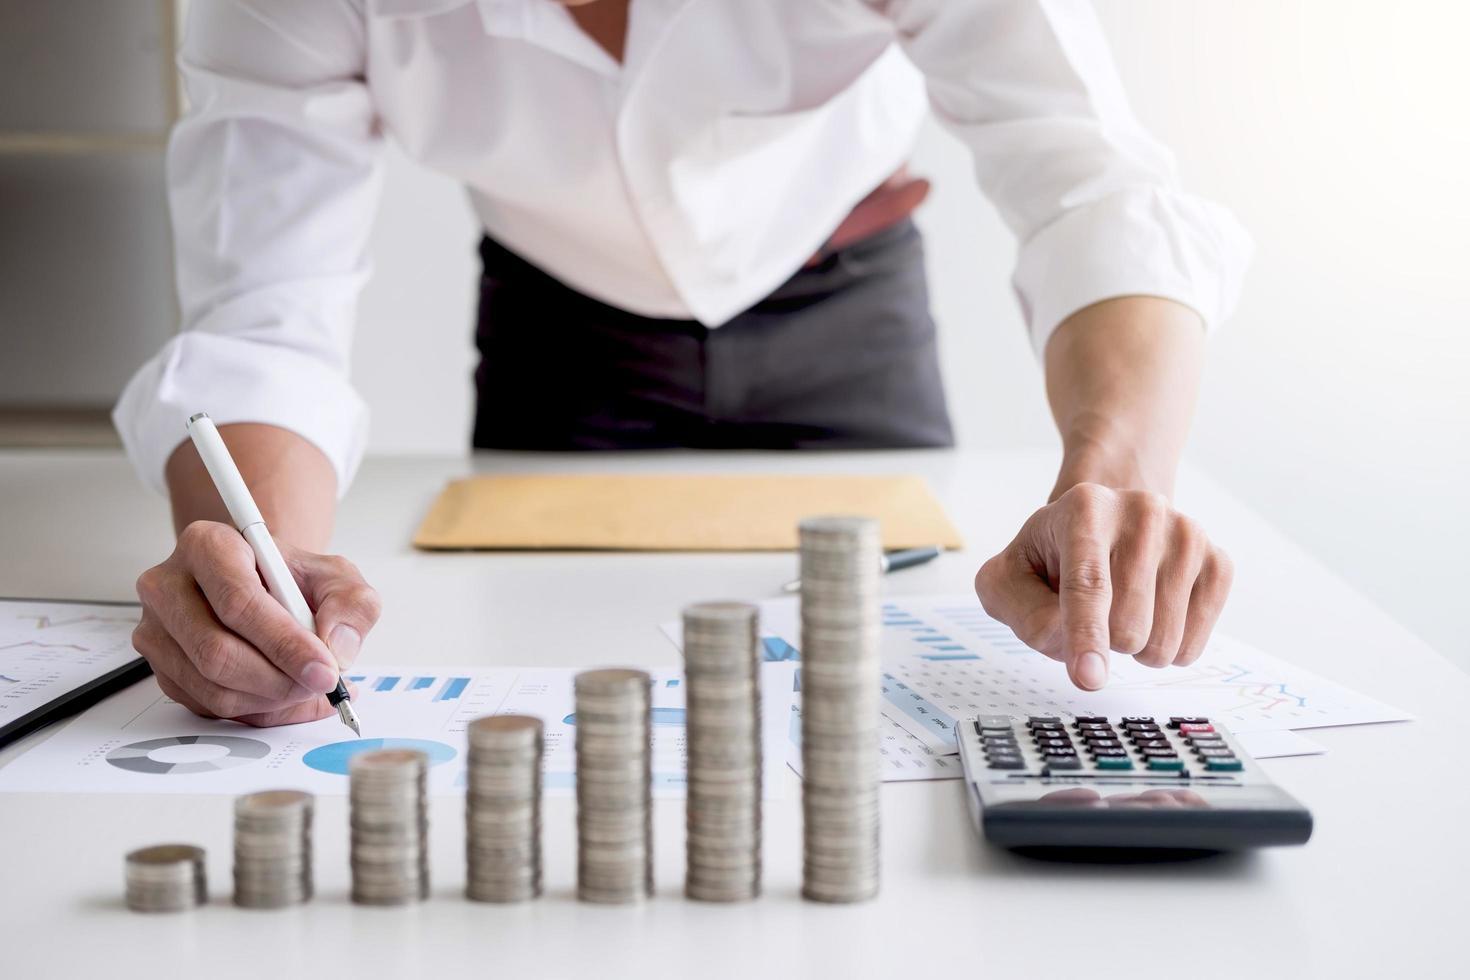 comptable d'entreprise calcul des finances boursières photo